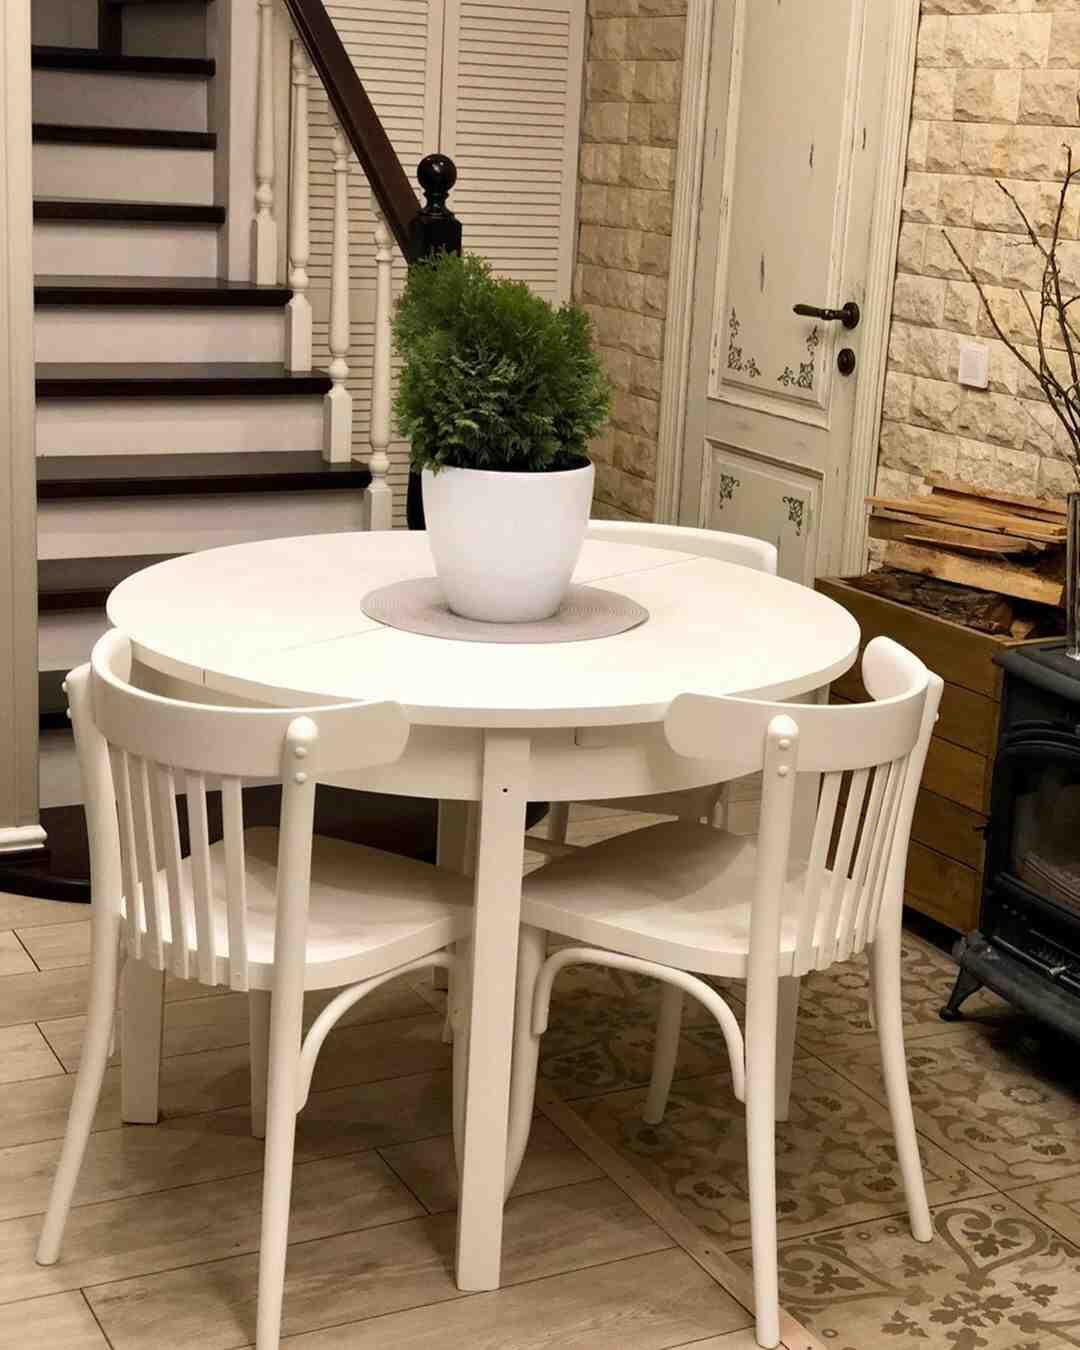 Quel vernis choisir pour une table à manger ?